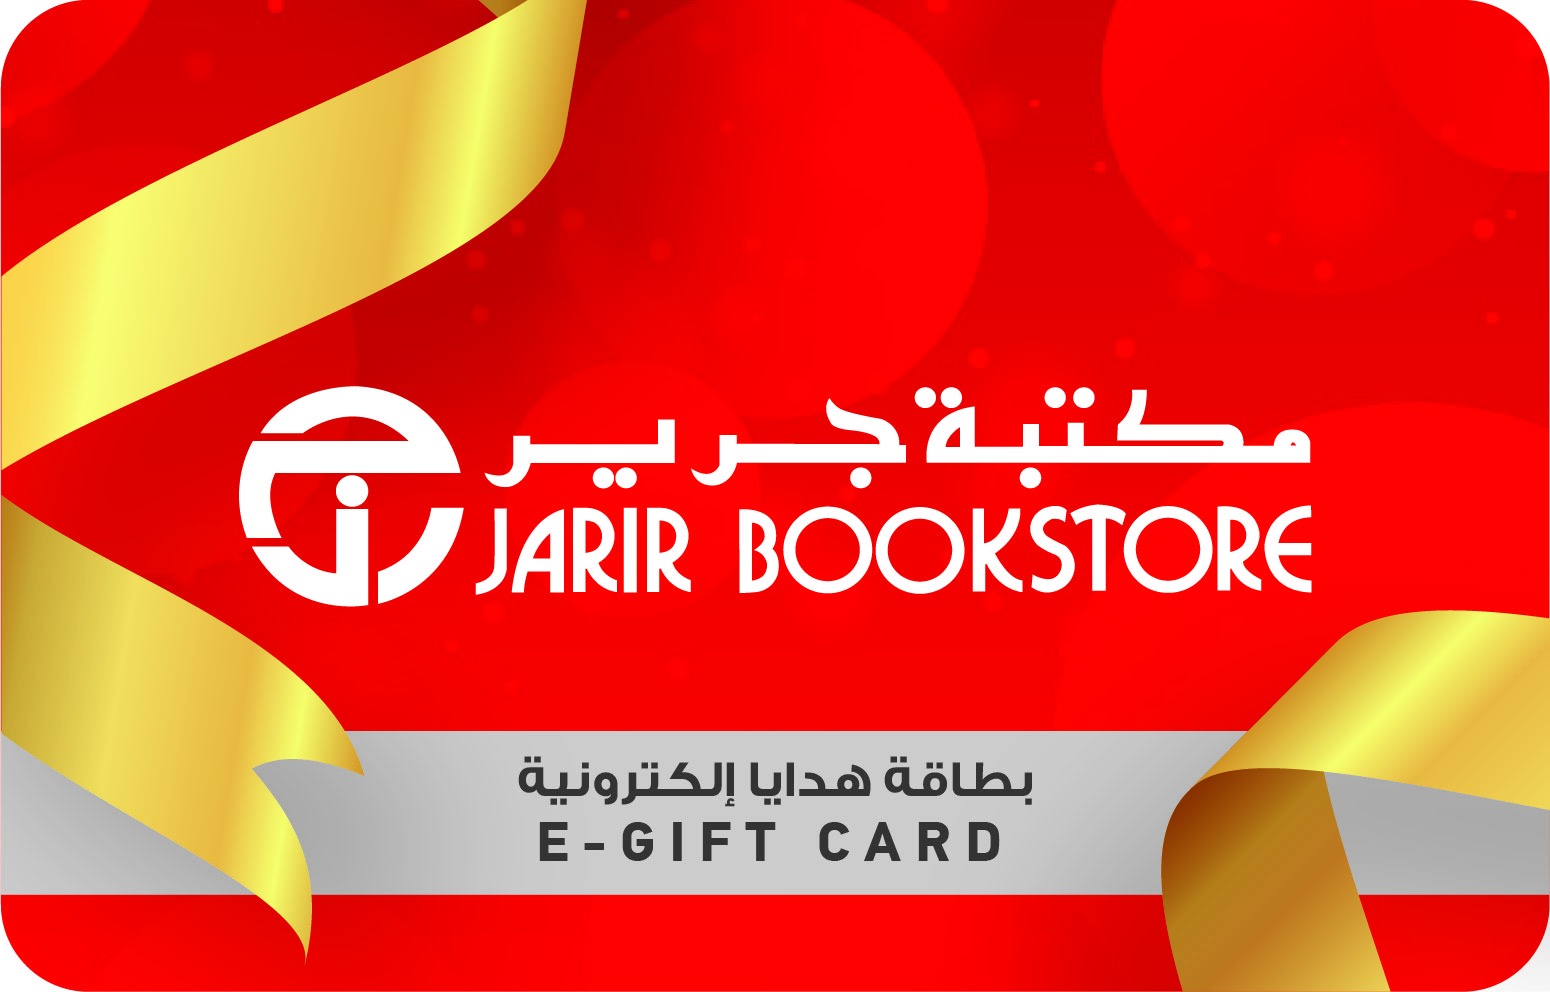 مكتبة جرير - المملكة العربية السعودية بطاقة الهدايا الإلكترونية